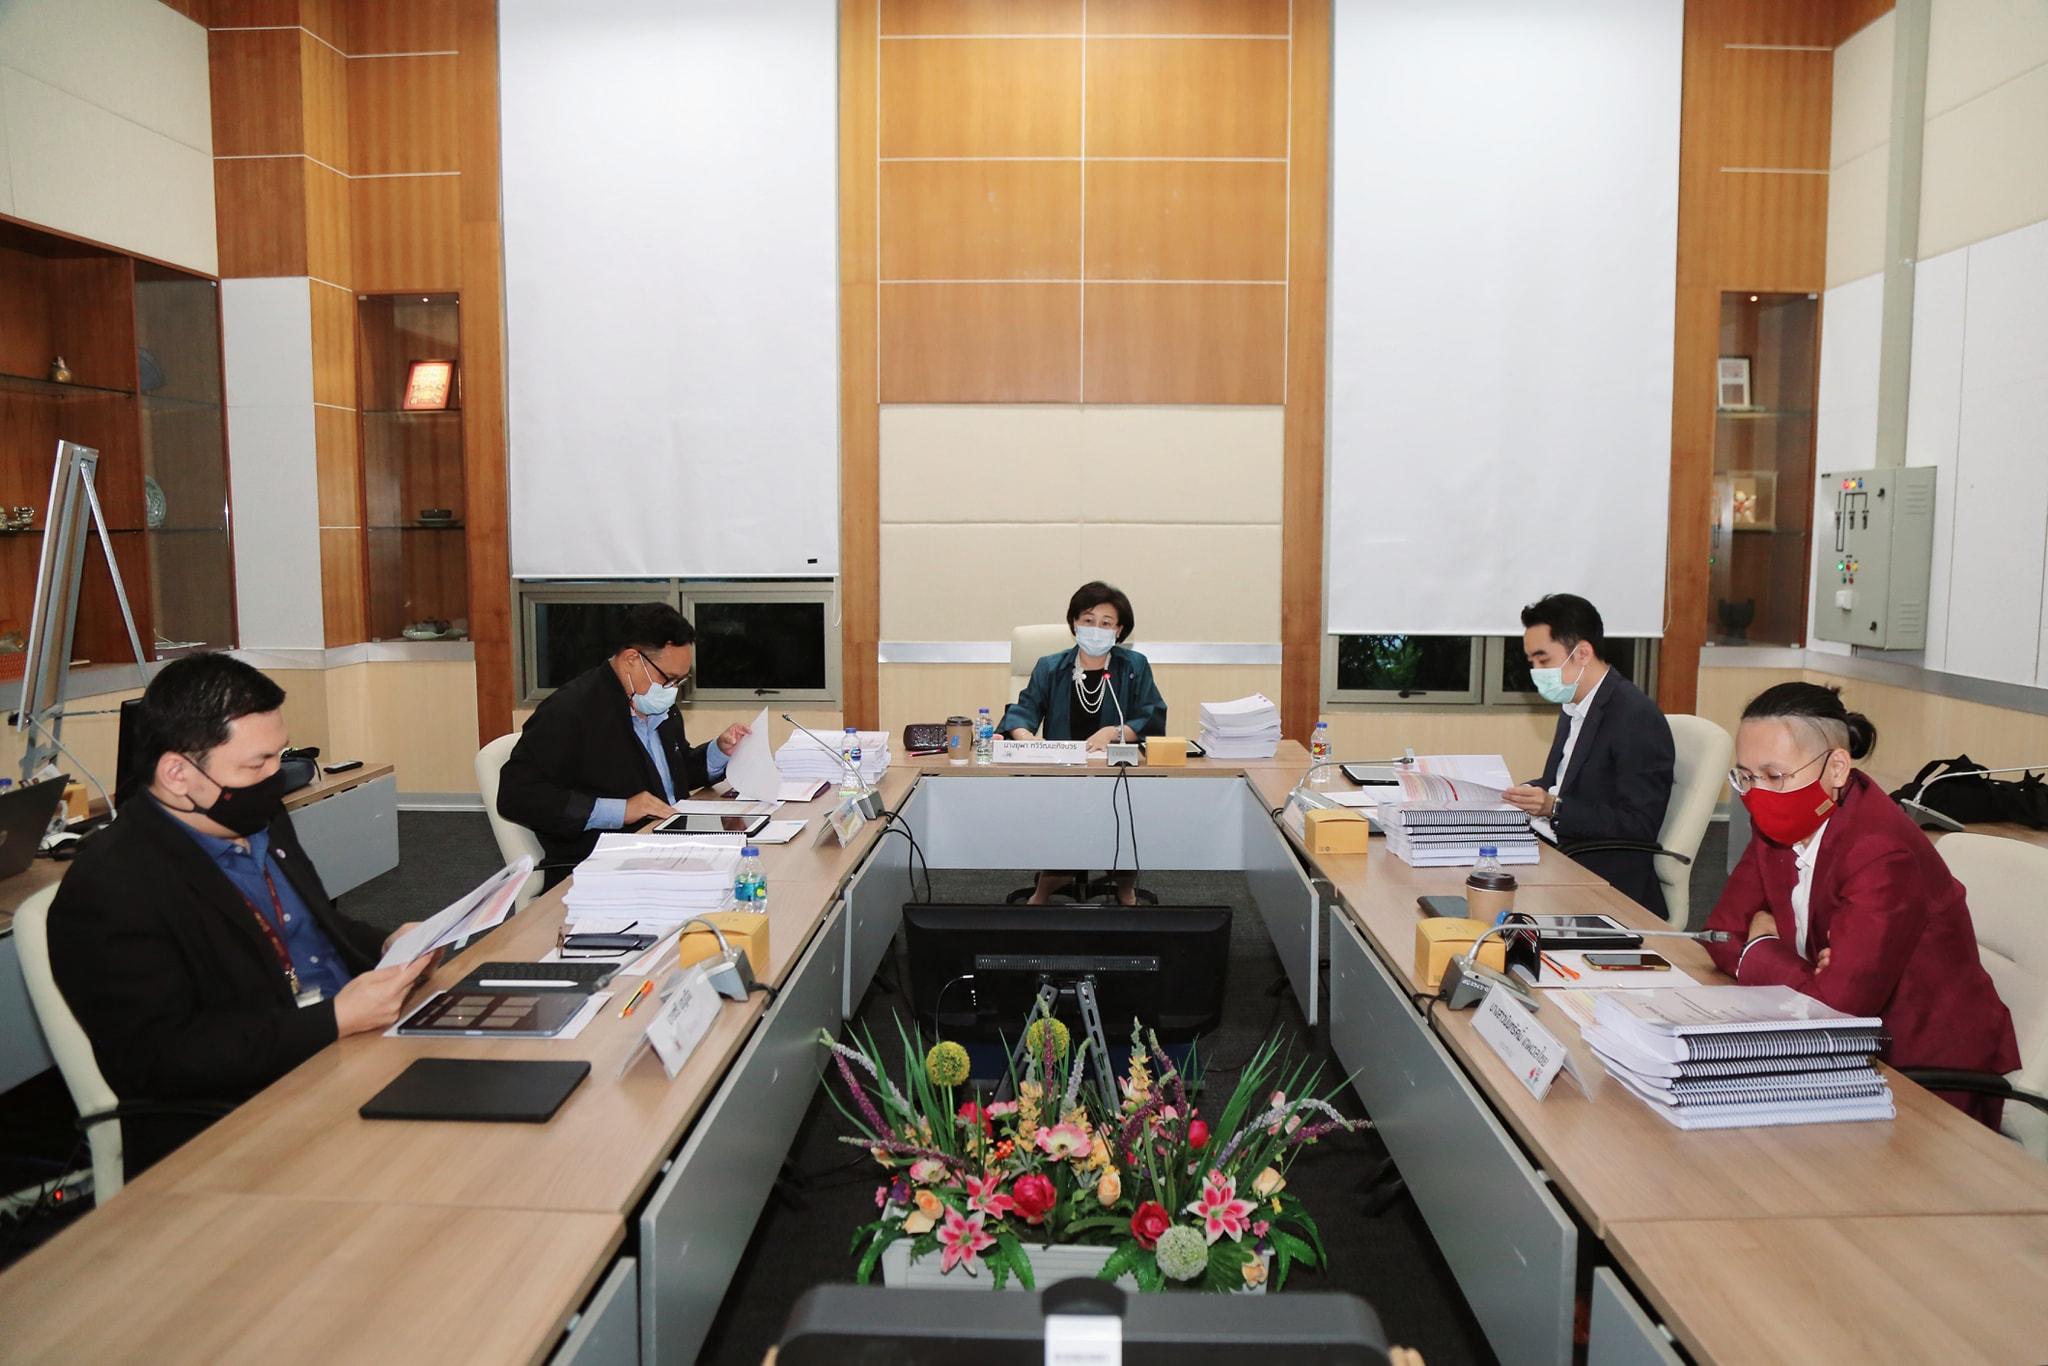 ประชุมคณะทำงานติดตามประเมินผลโครงการหรือกิจกรรม ครั้งที่ ๑/๒๕๖๔ ของกองทุนพัฒนาสื่อปลอดภัยและสร้างสรรค์